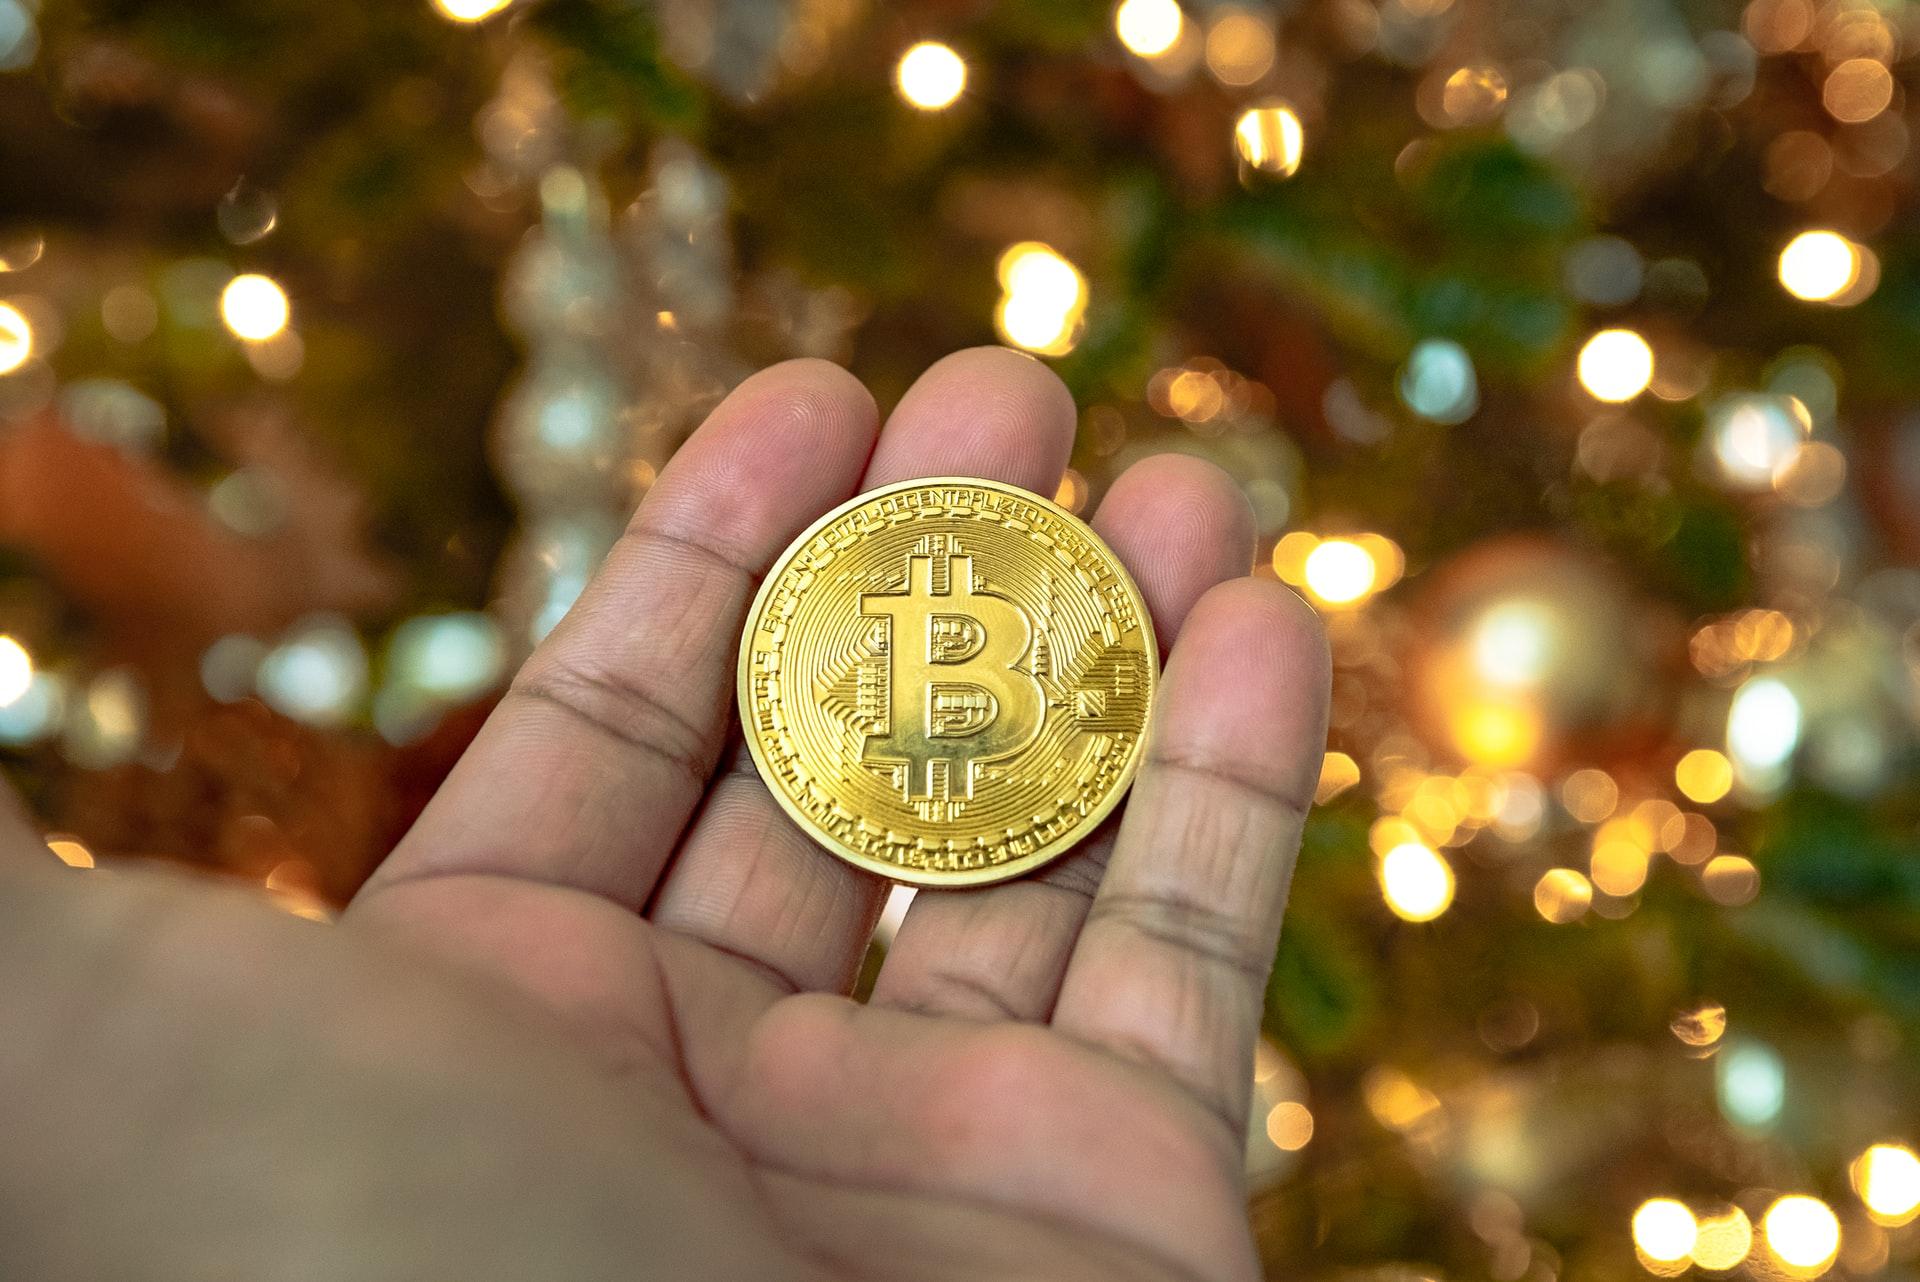 ビットコインを担保にローンを組んでお金を借りる方法とは | COIN OTAKU(コインオタク)